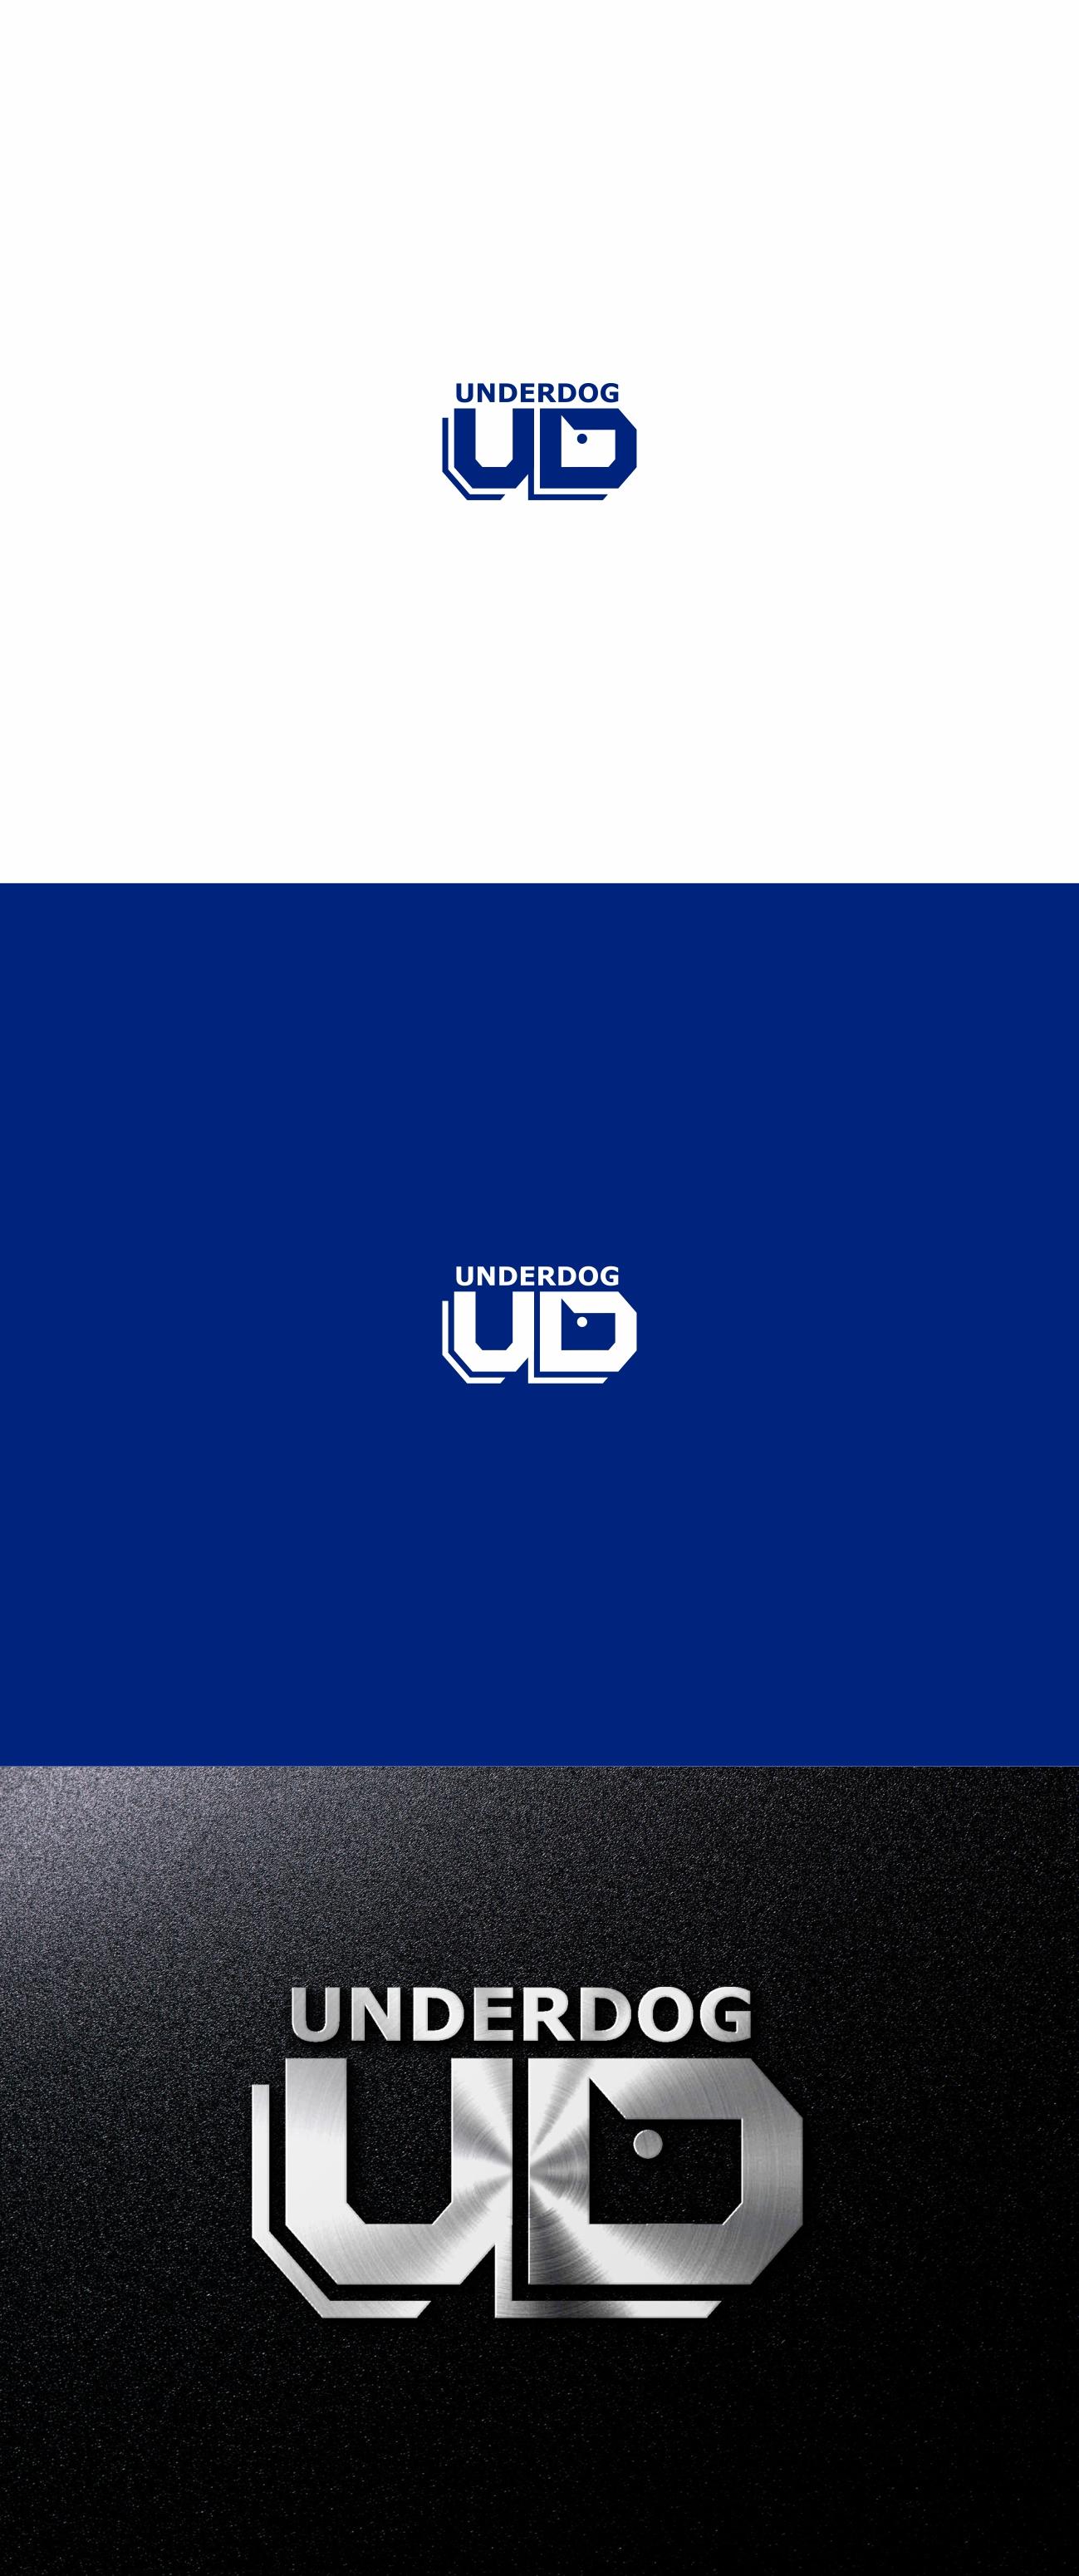 Футбольный клуб UNDERDOG - разработать фирстиль и бренд-бук фото f_2545cb4d3822d12c.jpg